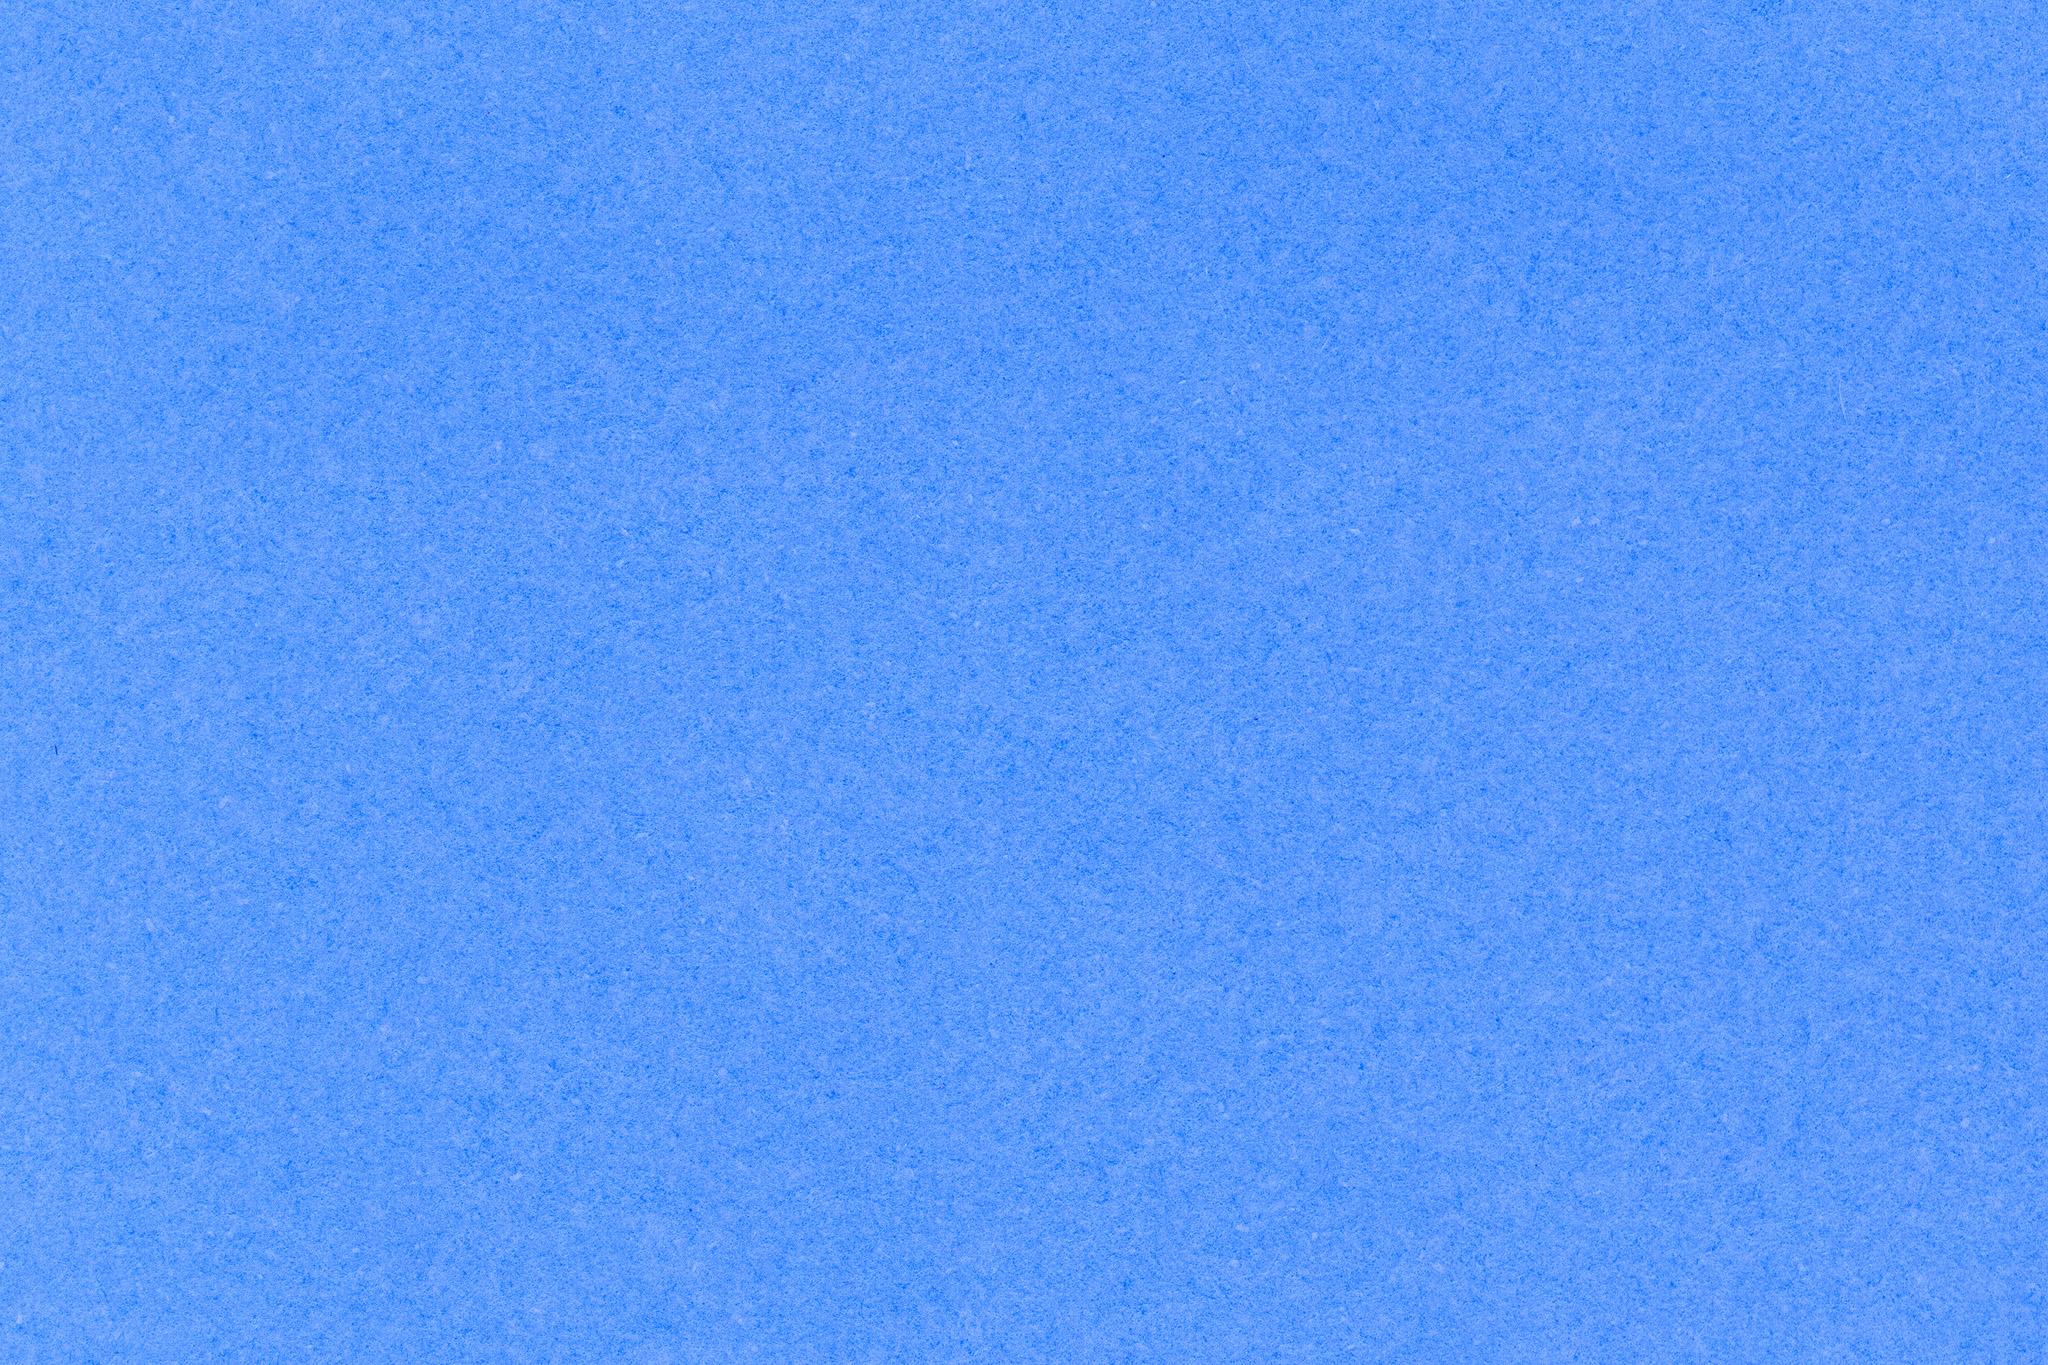 「青色の紙のテクスチャー」